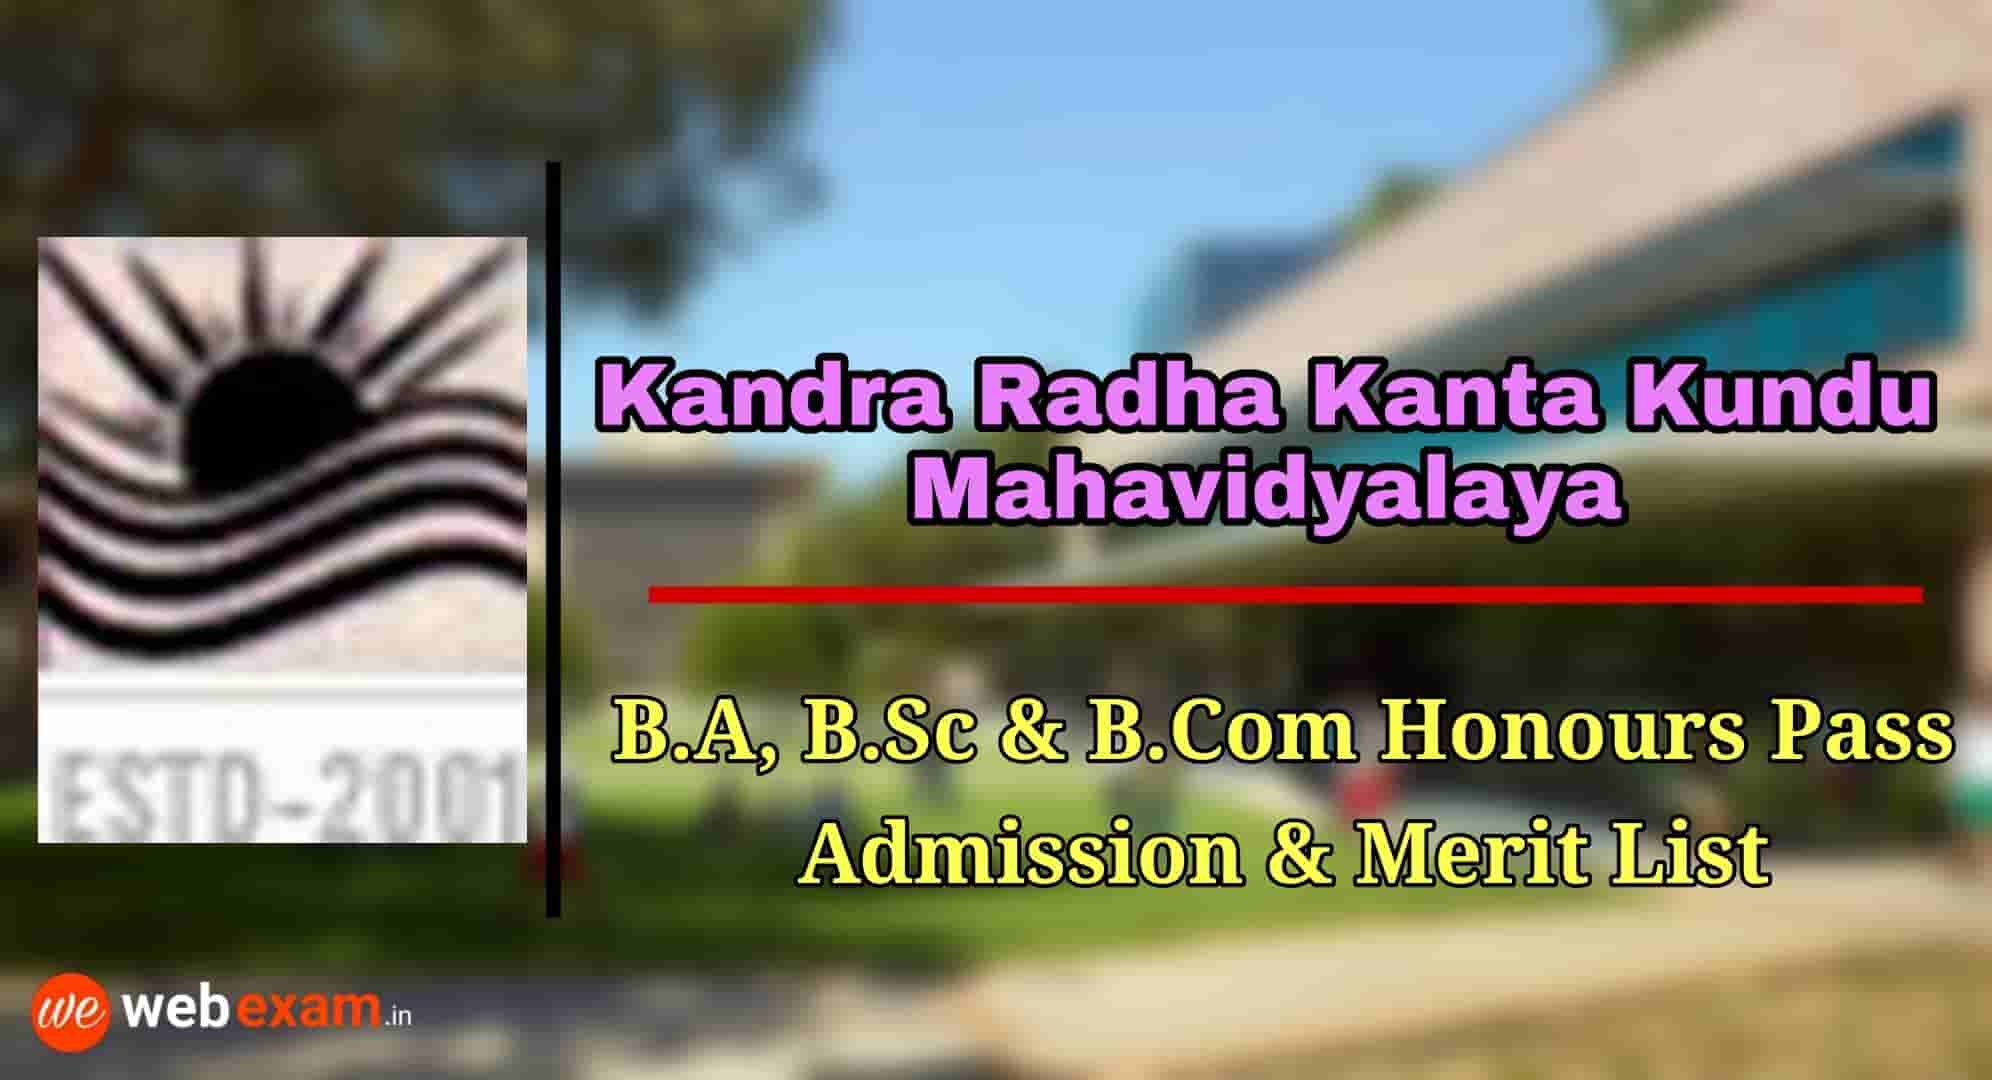 Kandra Radha Kanta Kundu Mahavidyalaya